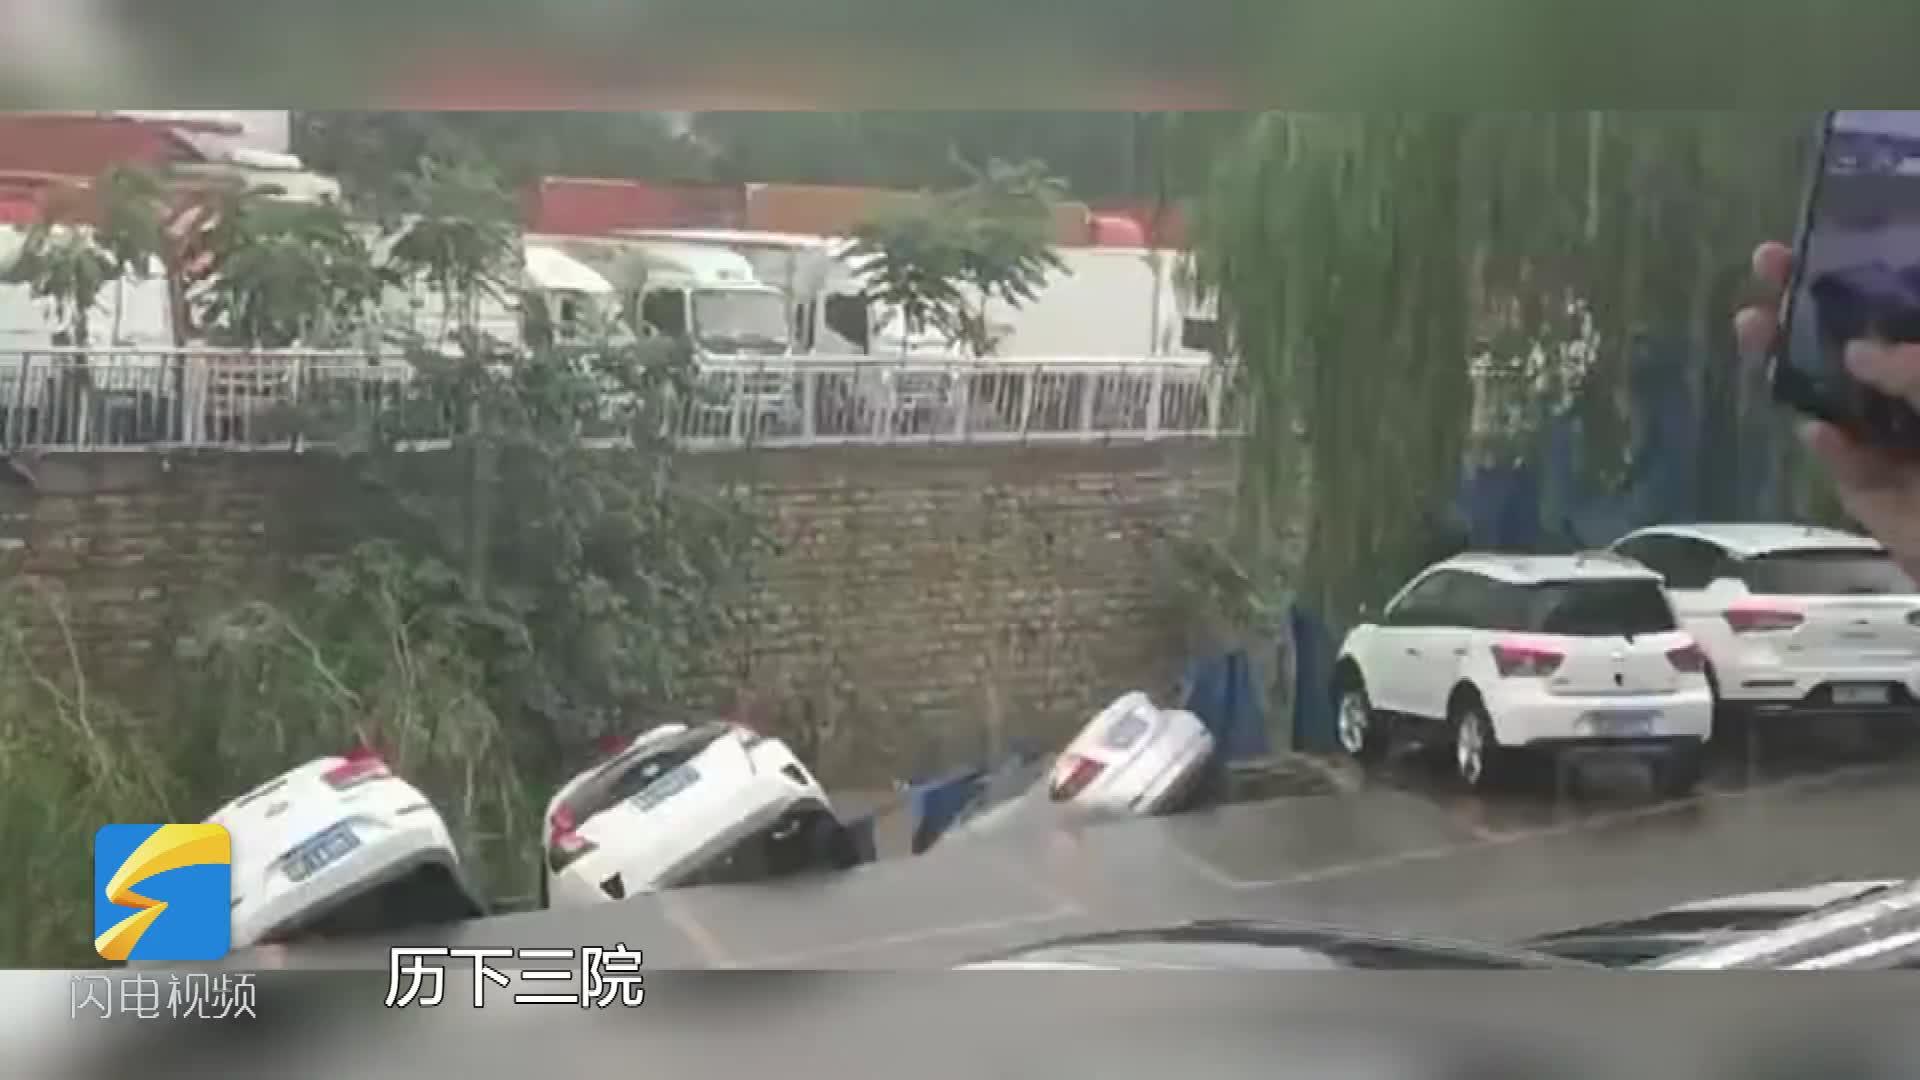 济南历下区第三人民医院坠河车辆已全部拖离危险区域 无人员伤亡